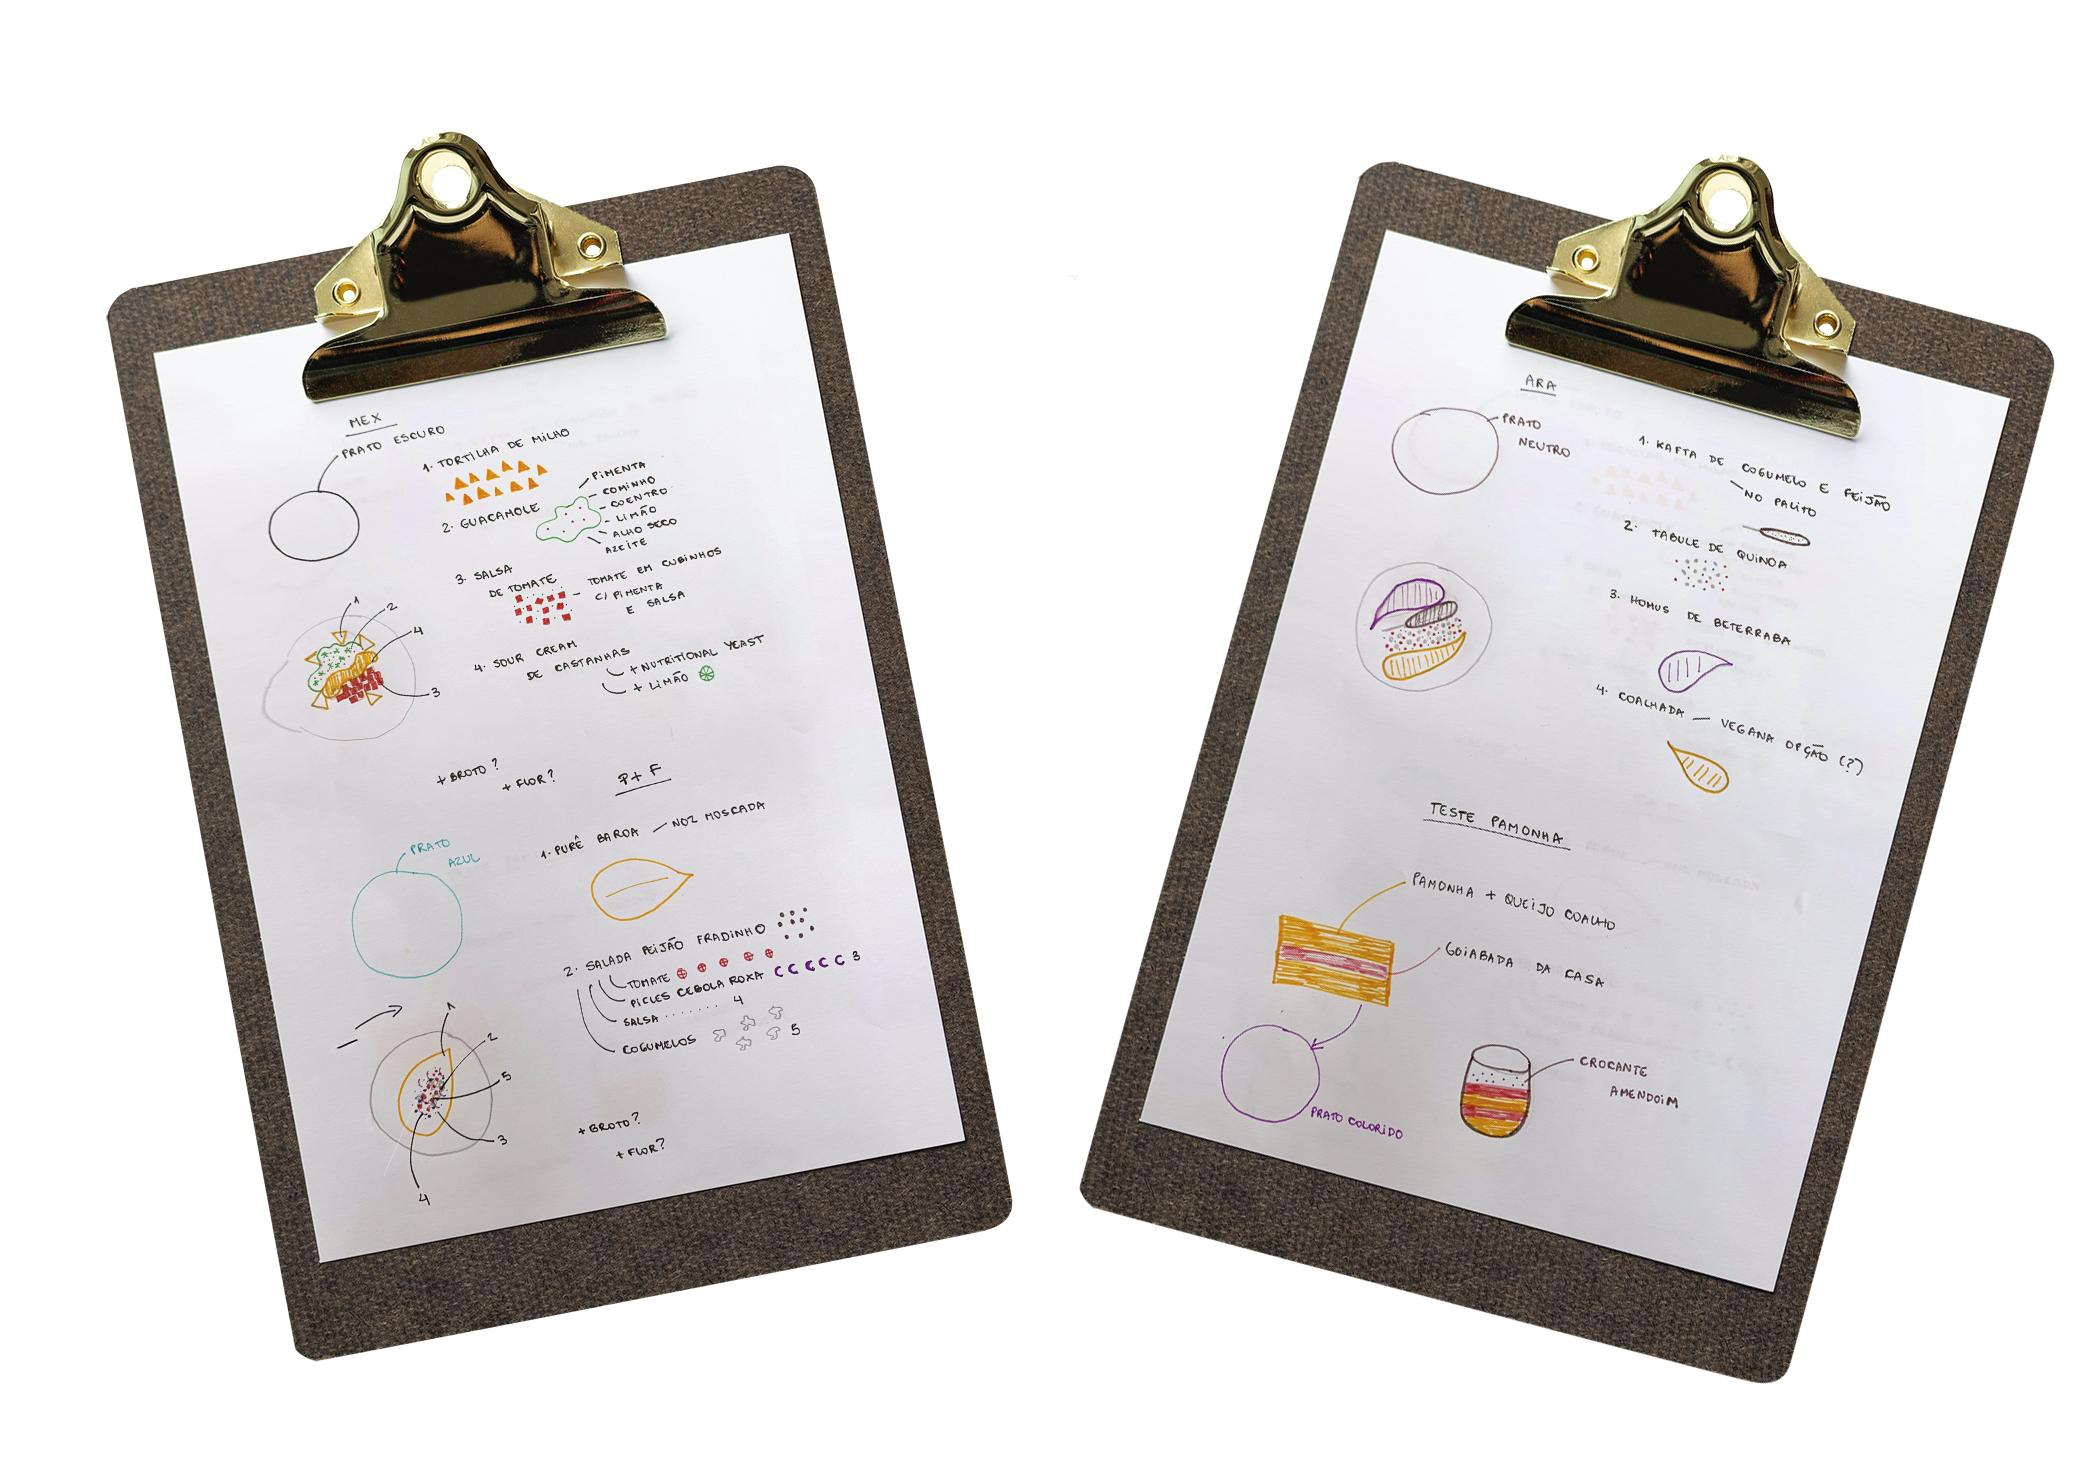 Os rascunhos de Nathalie Passos, do Naturalie Bistrô: a cor da louça e a ordem da montagem também são indicadas nos esboços -